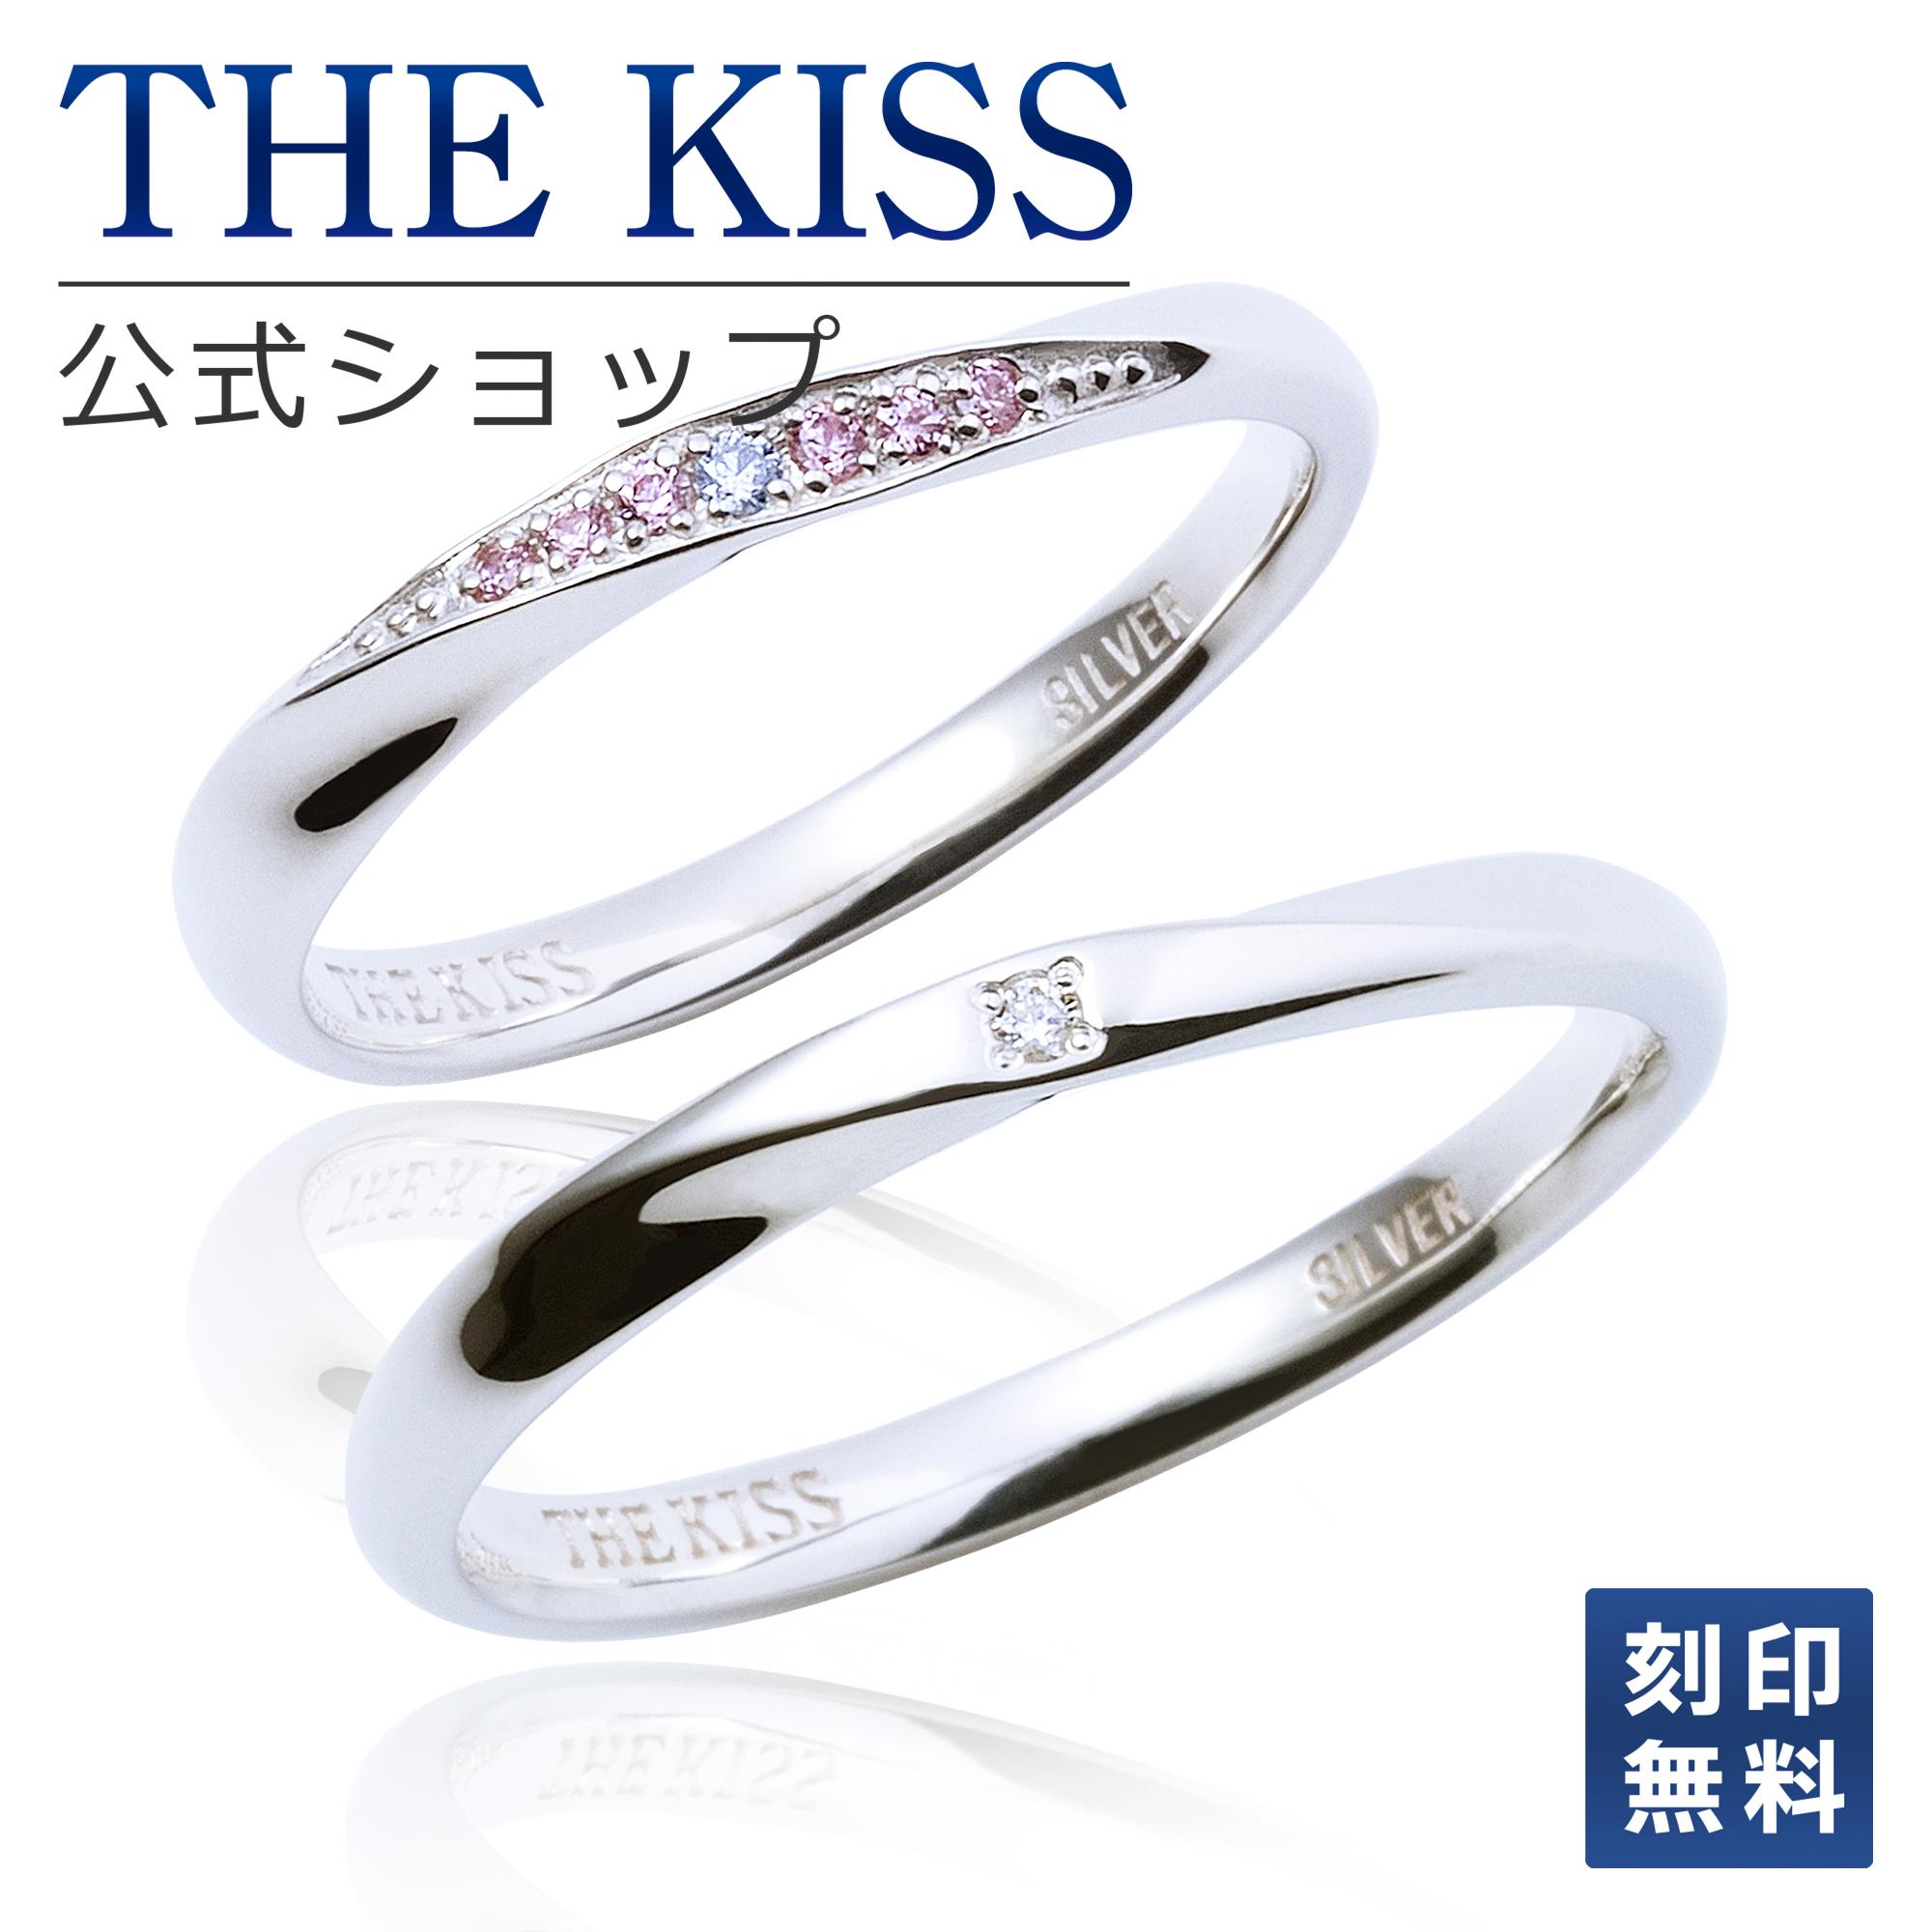 【刻印可_3文字】【あす楽対応】THE KISS 公式サイト シルバー ペアリング ダイヤモンド ペアアクセサリー カップル に 人気 の ジュエリーブランド THEKISS ペア リング・指輪 記念日 プレゼント SR1551DM-1552DM セット シンプル ザキス 【送料無料】